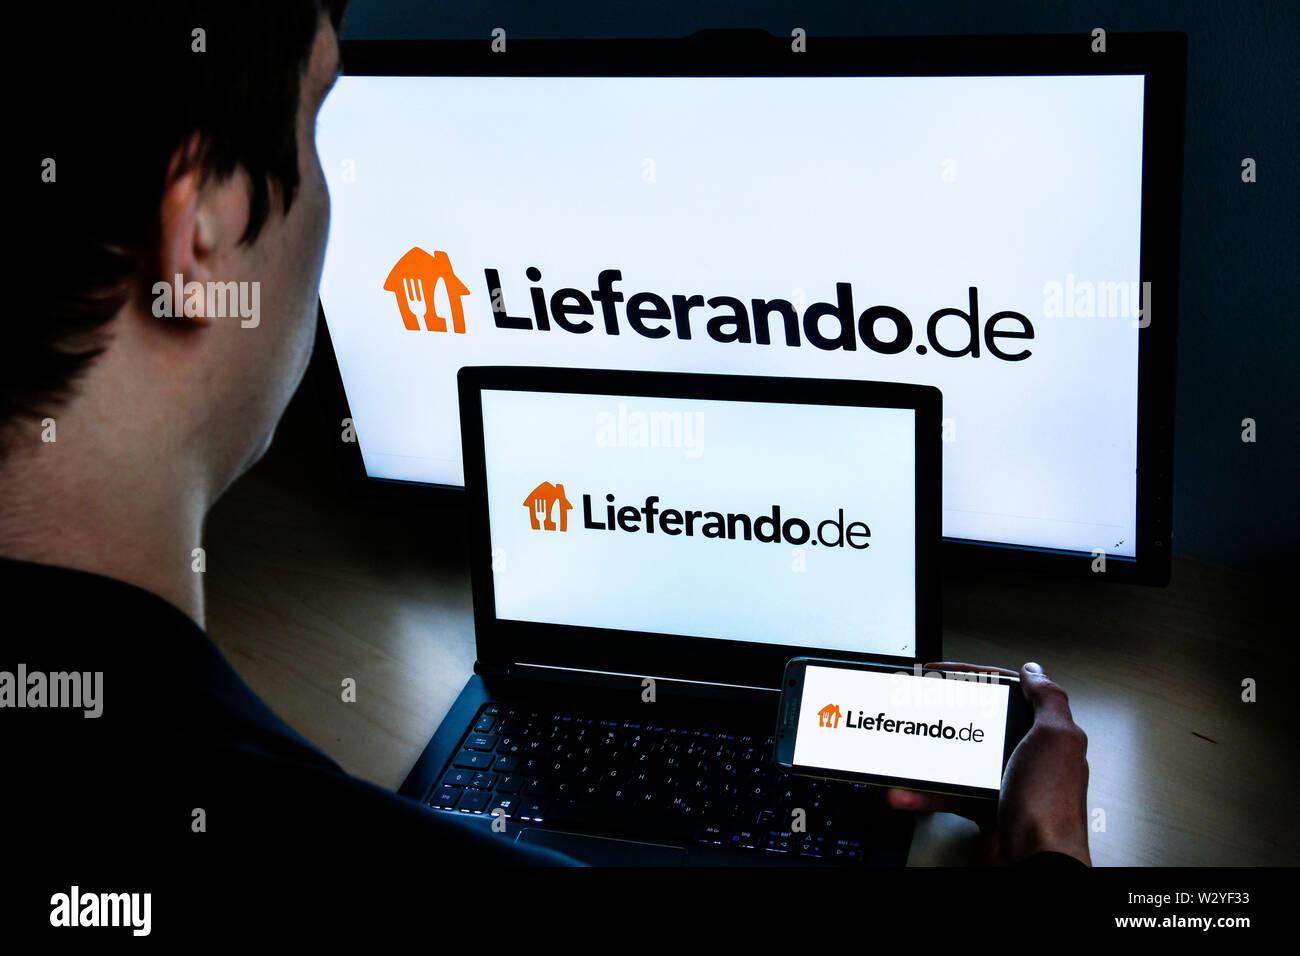 Logo Lieferando.de Stock Photo